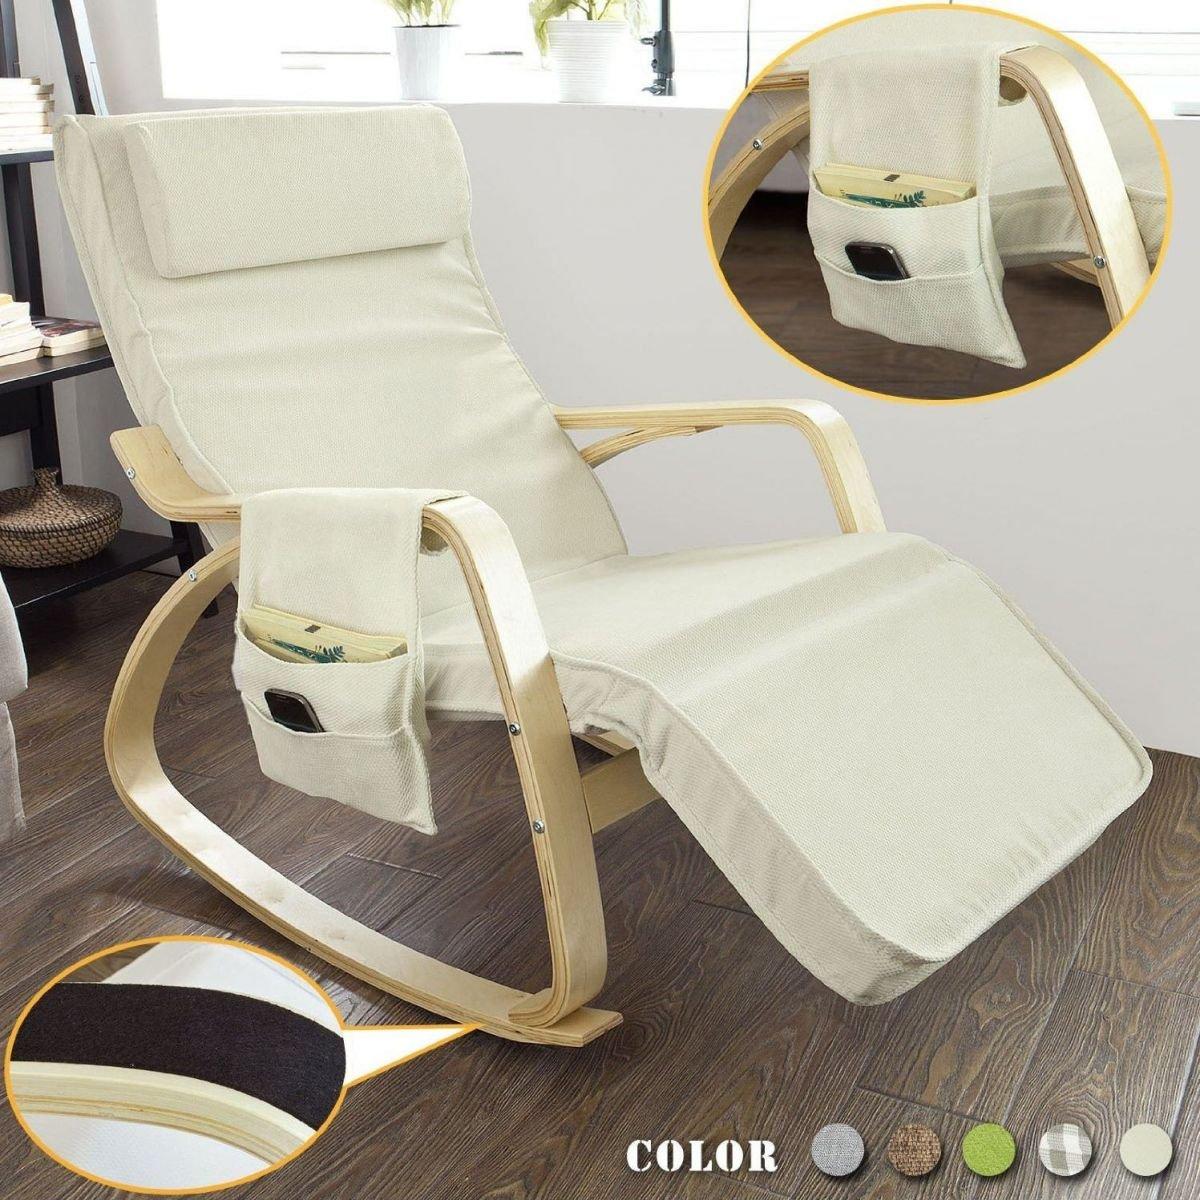 Hamaca sillón con relax